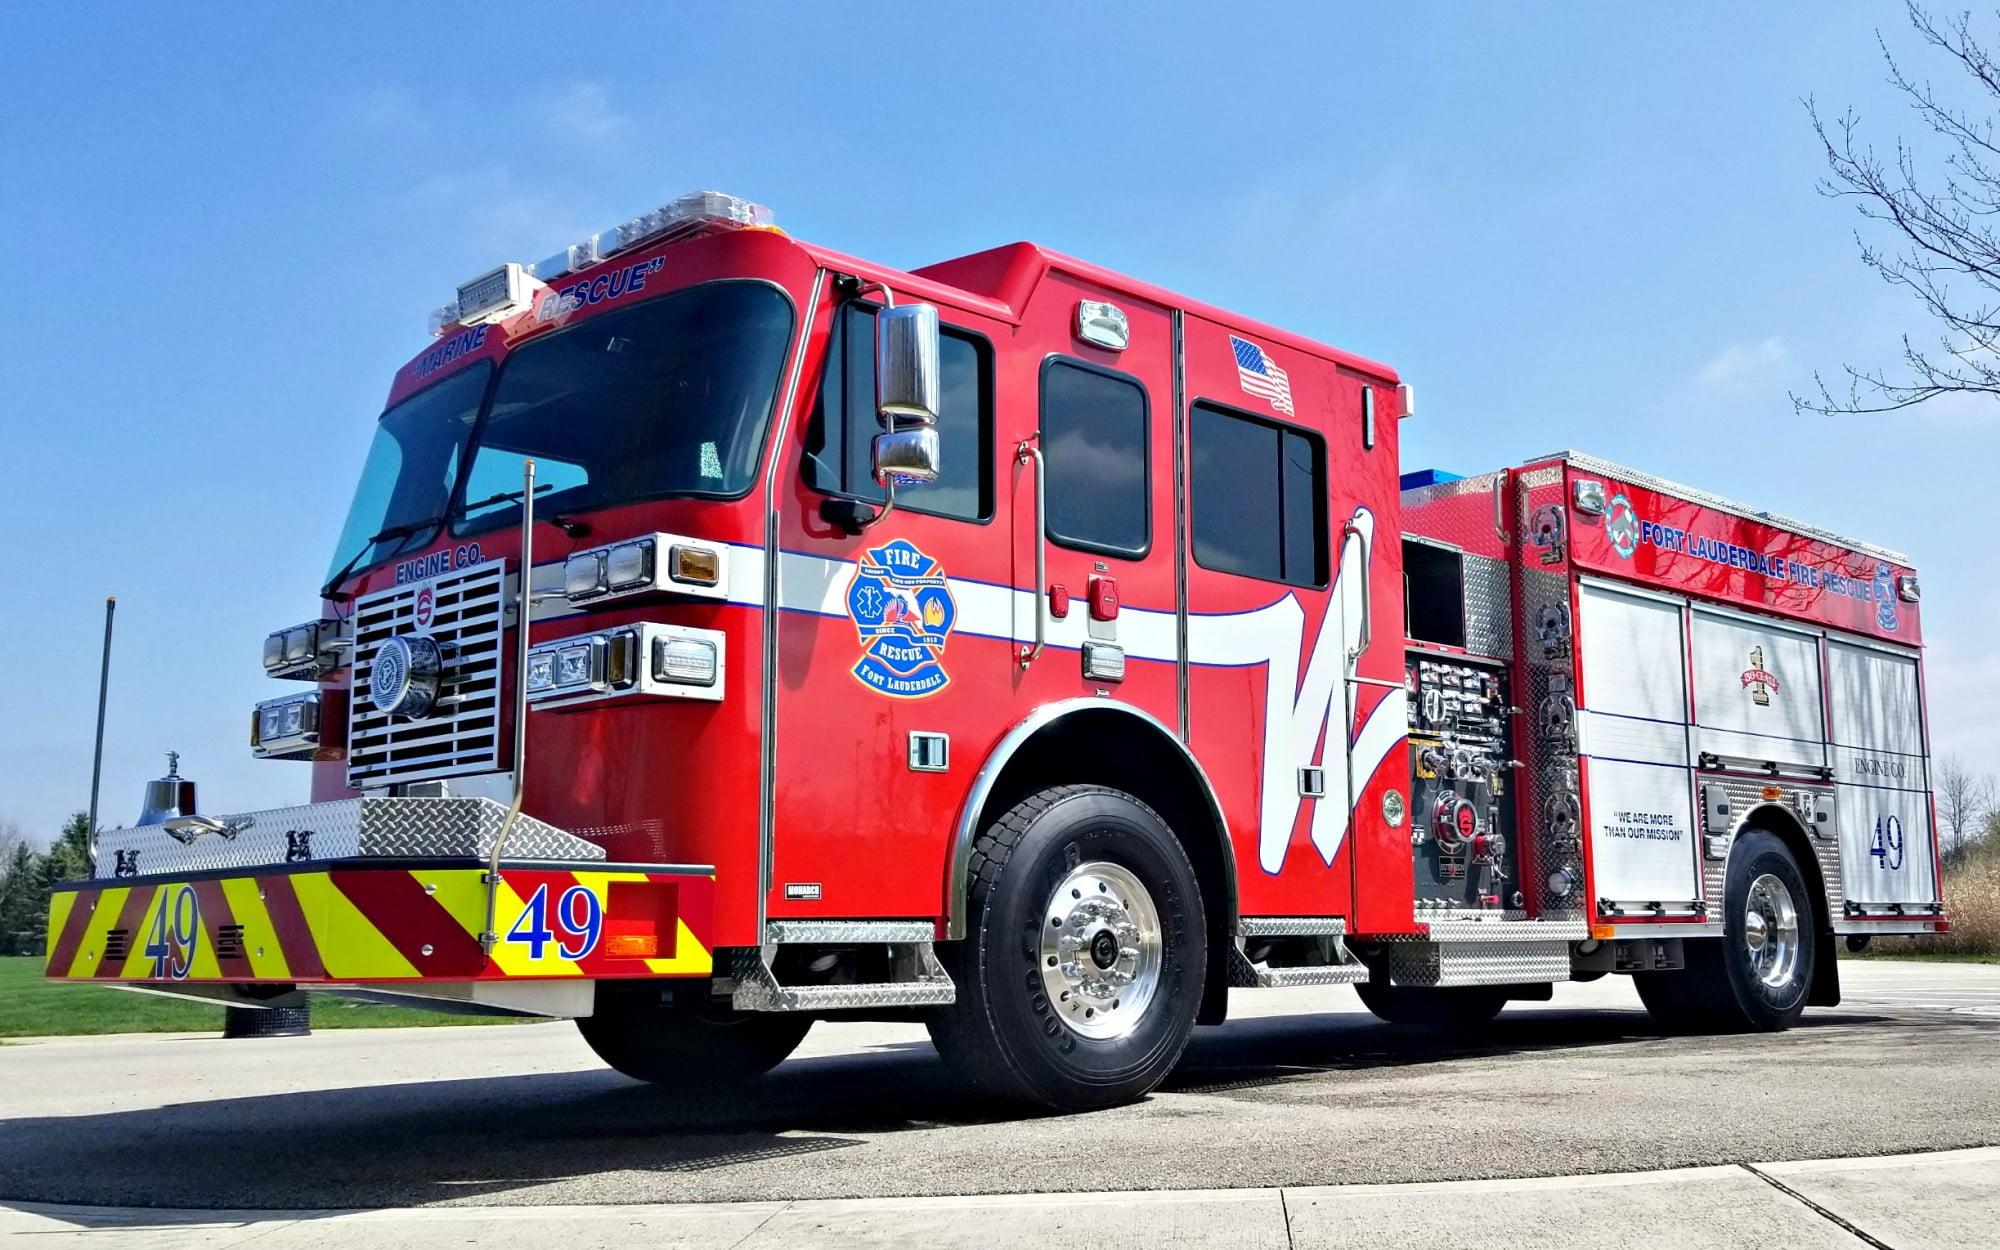 ft.-lauderdale-fire-rescue-marine-unit